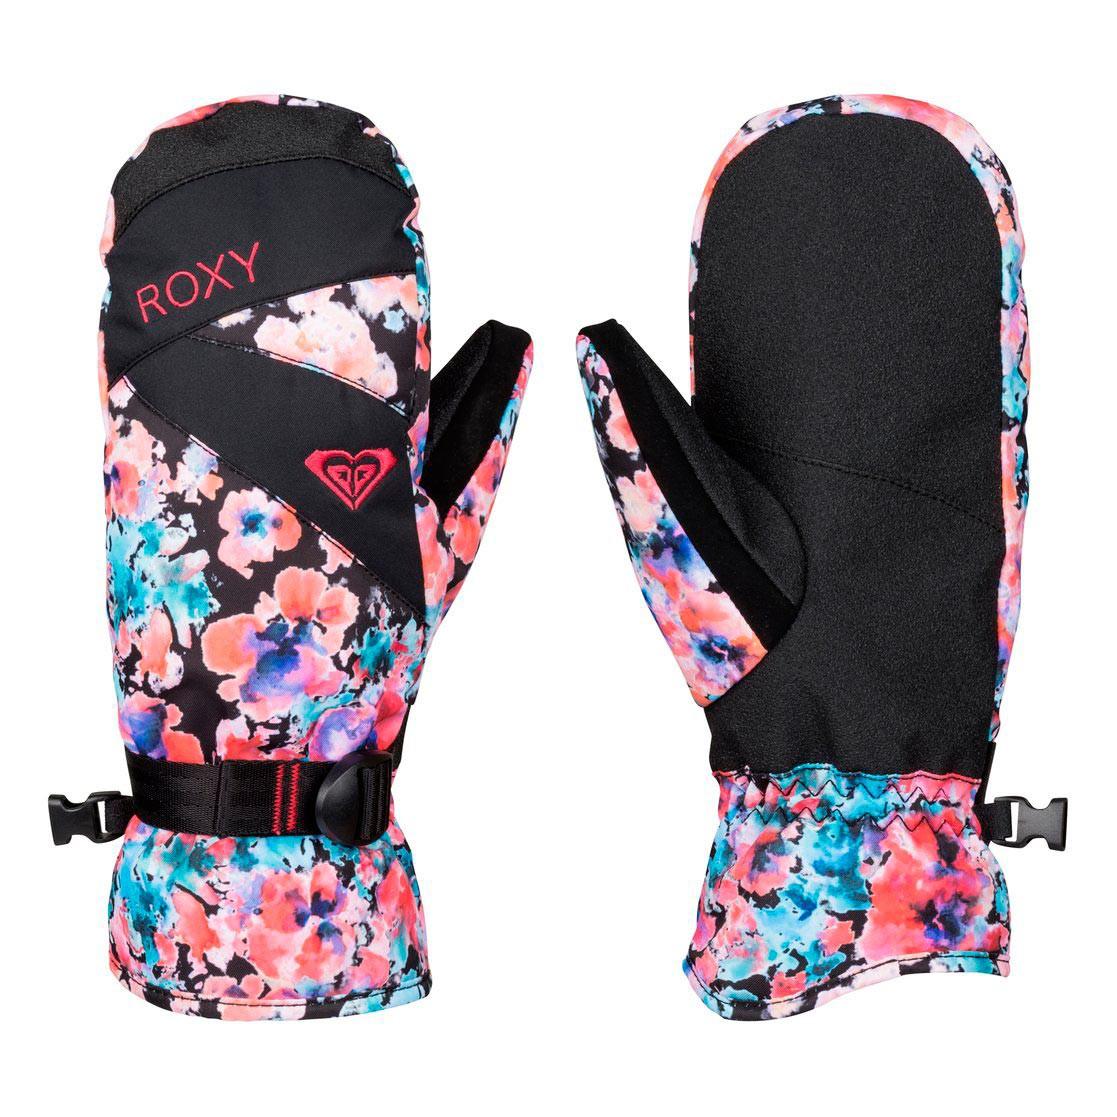 Rukavice Roxy Roxy Jetty Mitt madison flowers true black vel.S 16/17 + doručení do 24 hodin